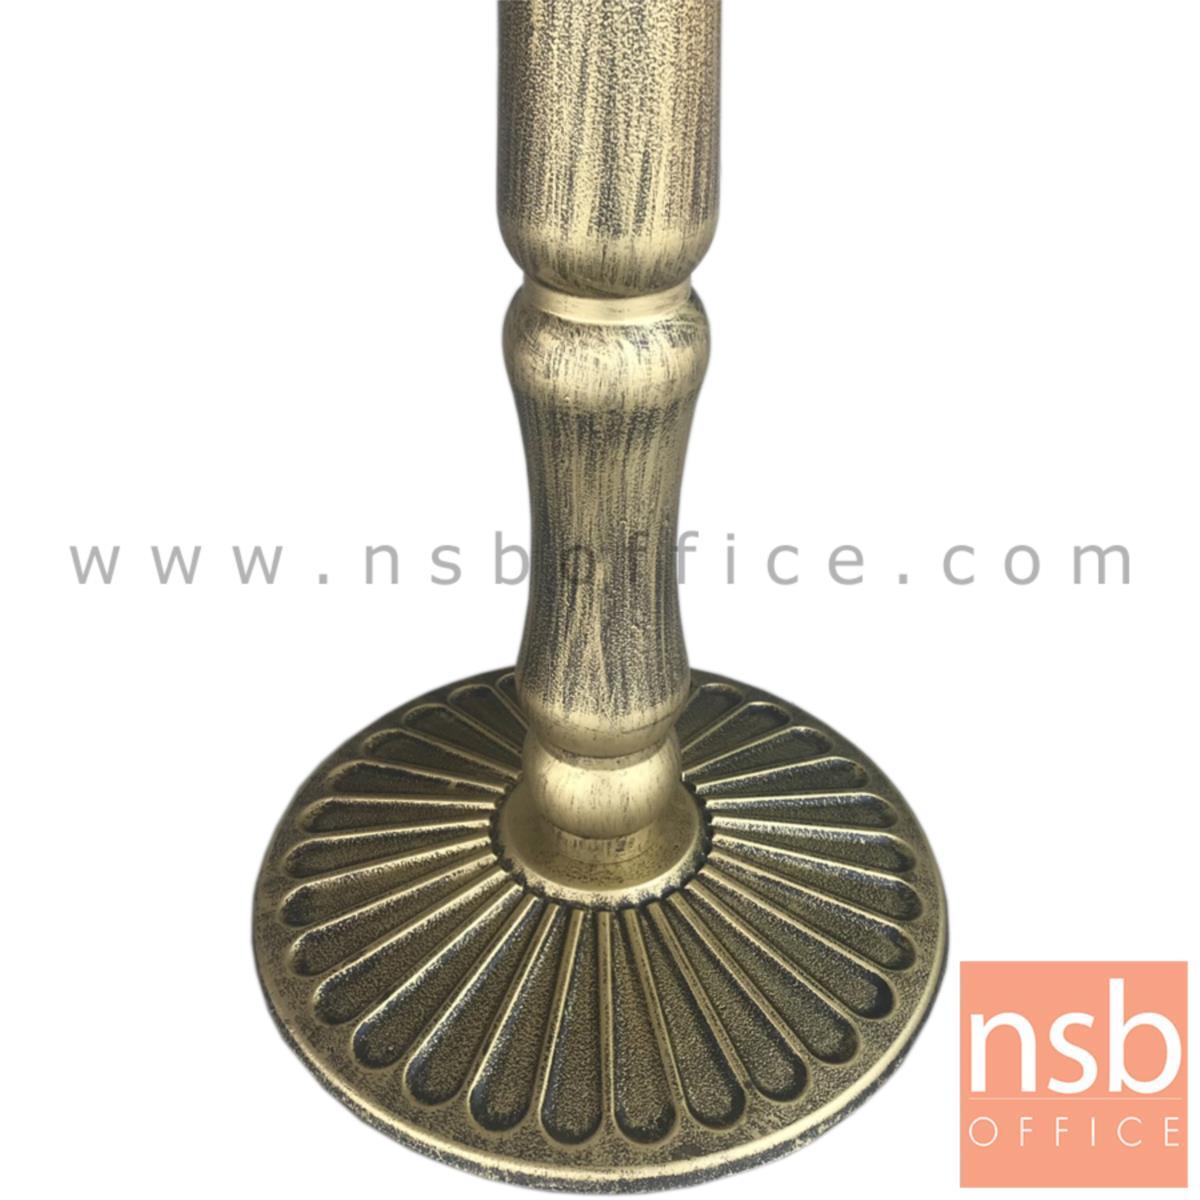 โต๊ะหน้าเมลามีน รุ่น RHINE (ไรน์) ขนาด 80W cm. ขาเหล็กสีทอง